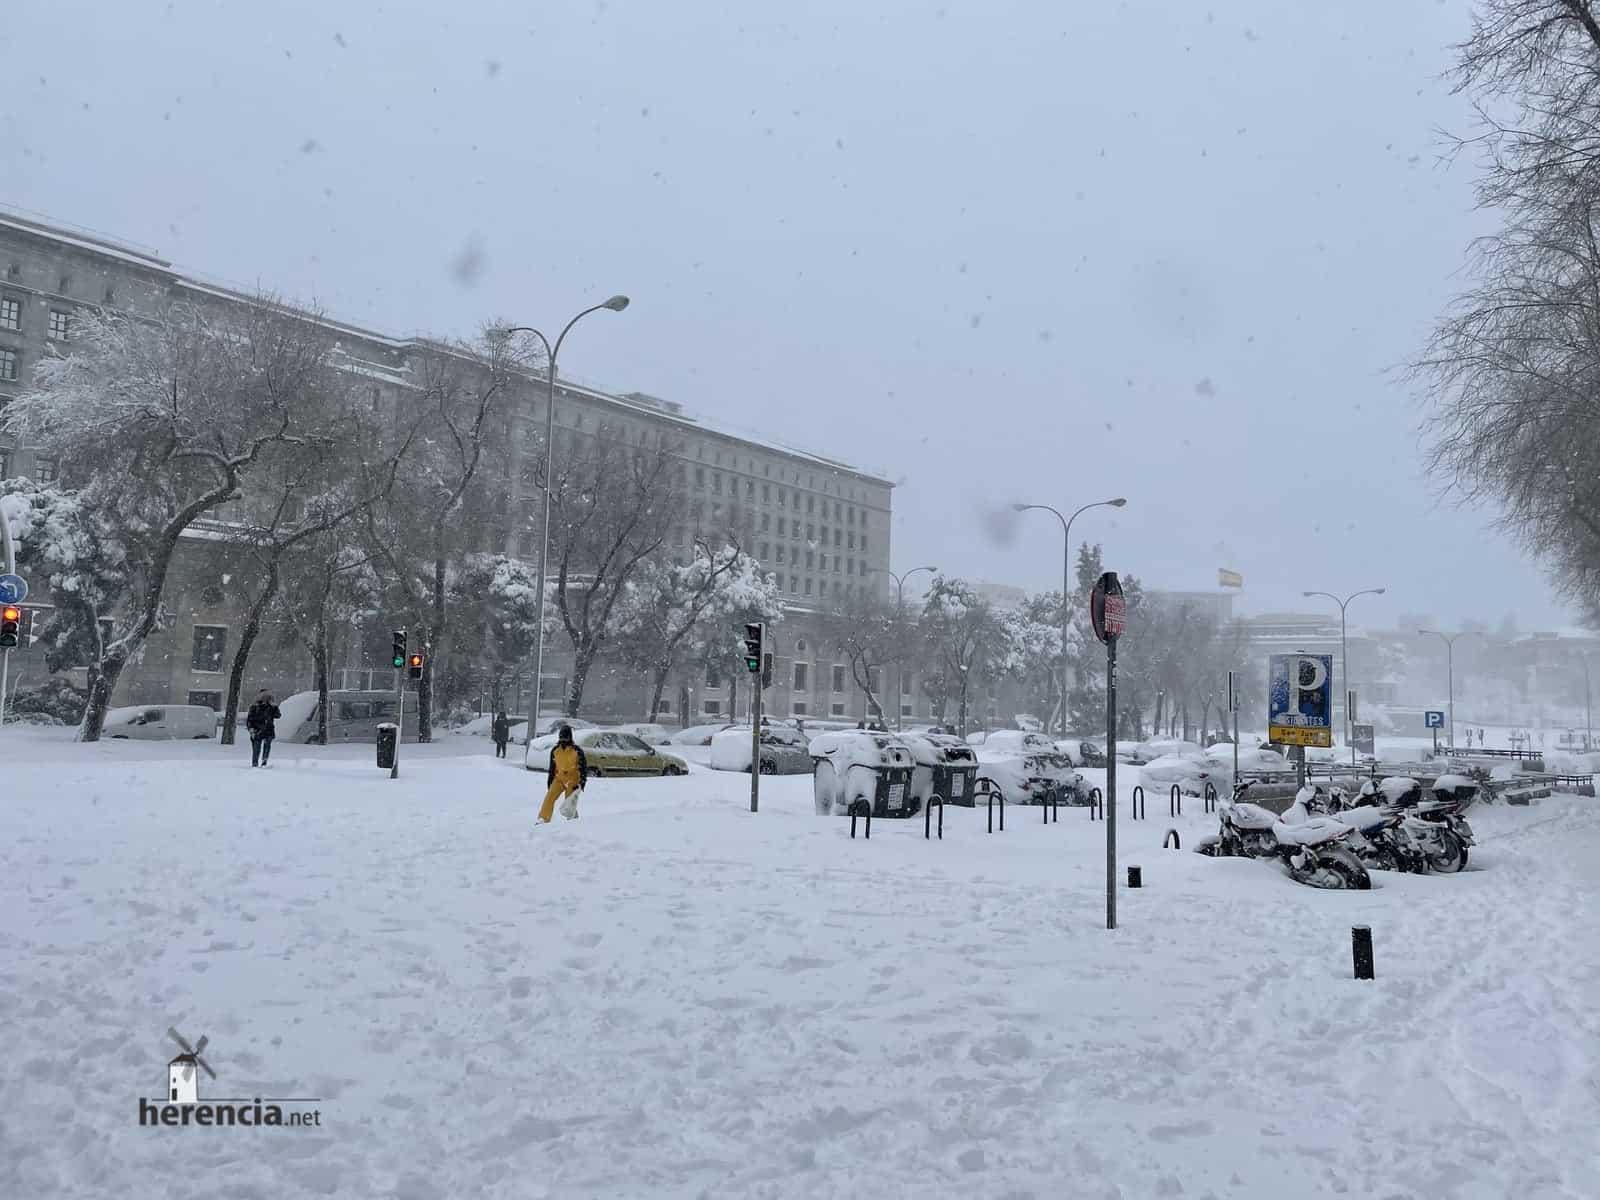 Fotografías de la nevada de enero en Madrid (España) 229